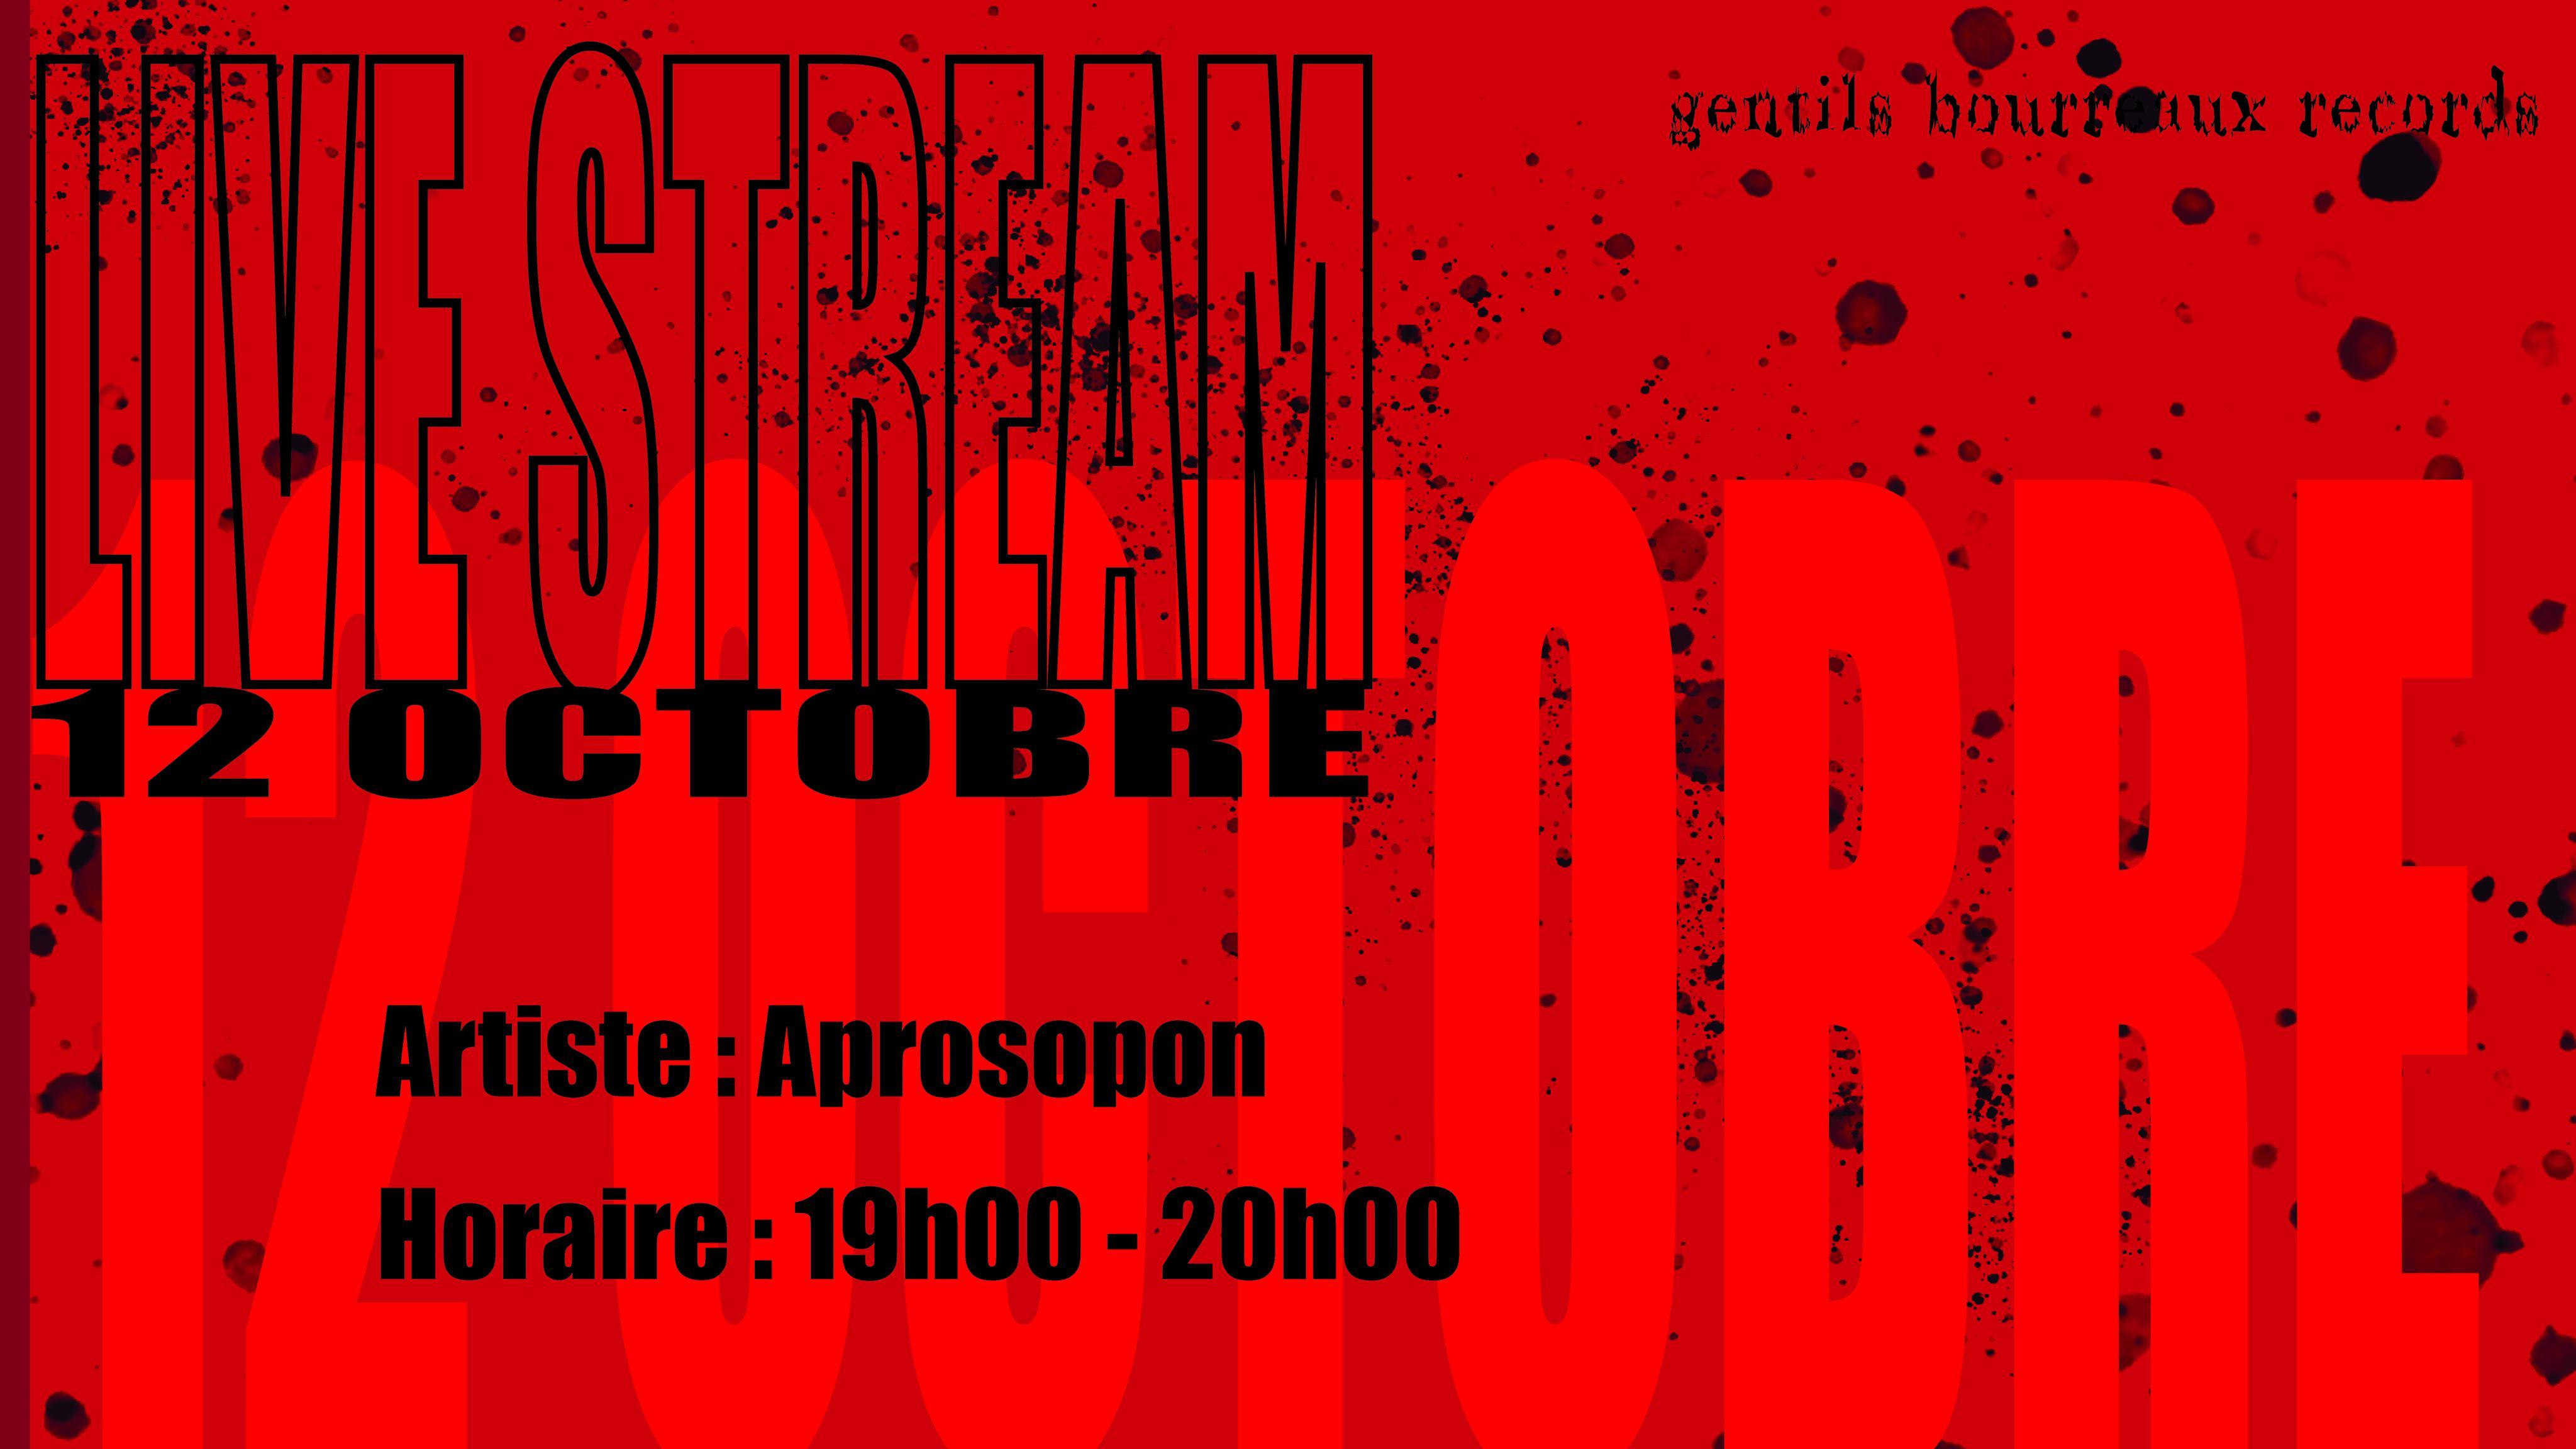 Gentils Bourreaux Records invite : Aprosôpon | Nantes 🇫🇷